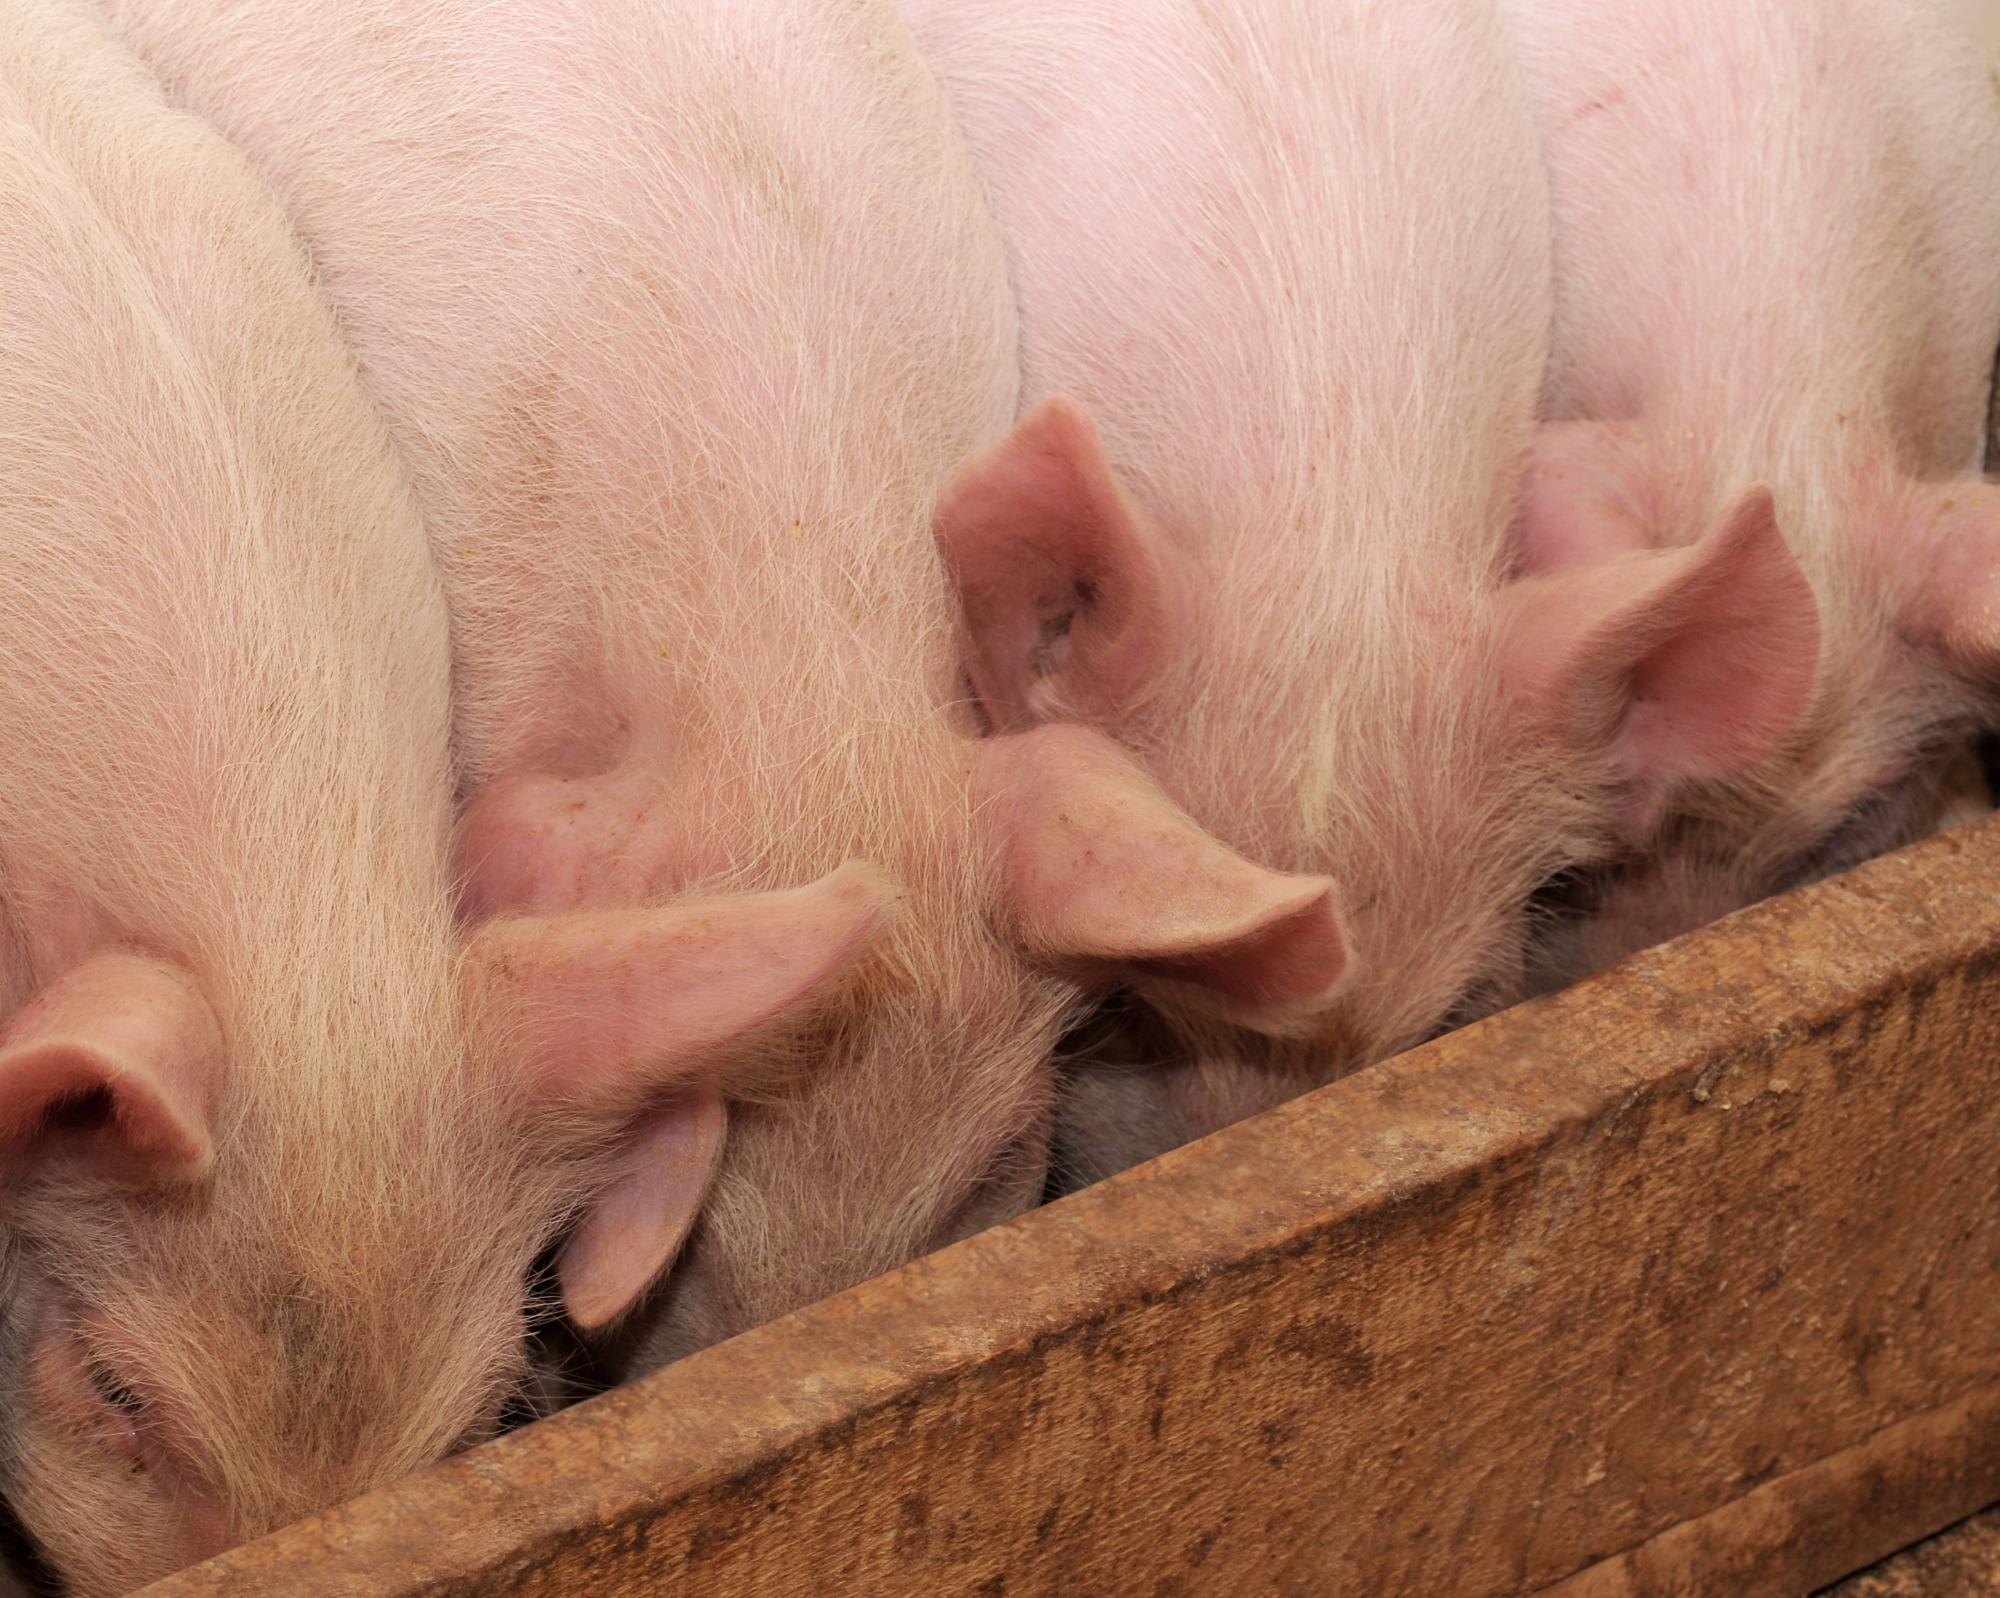 Carne ambientalmente sustentável - Por Coriolano Xavier